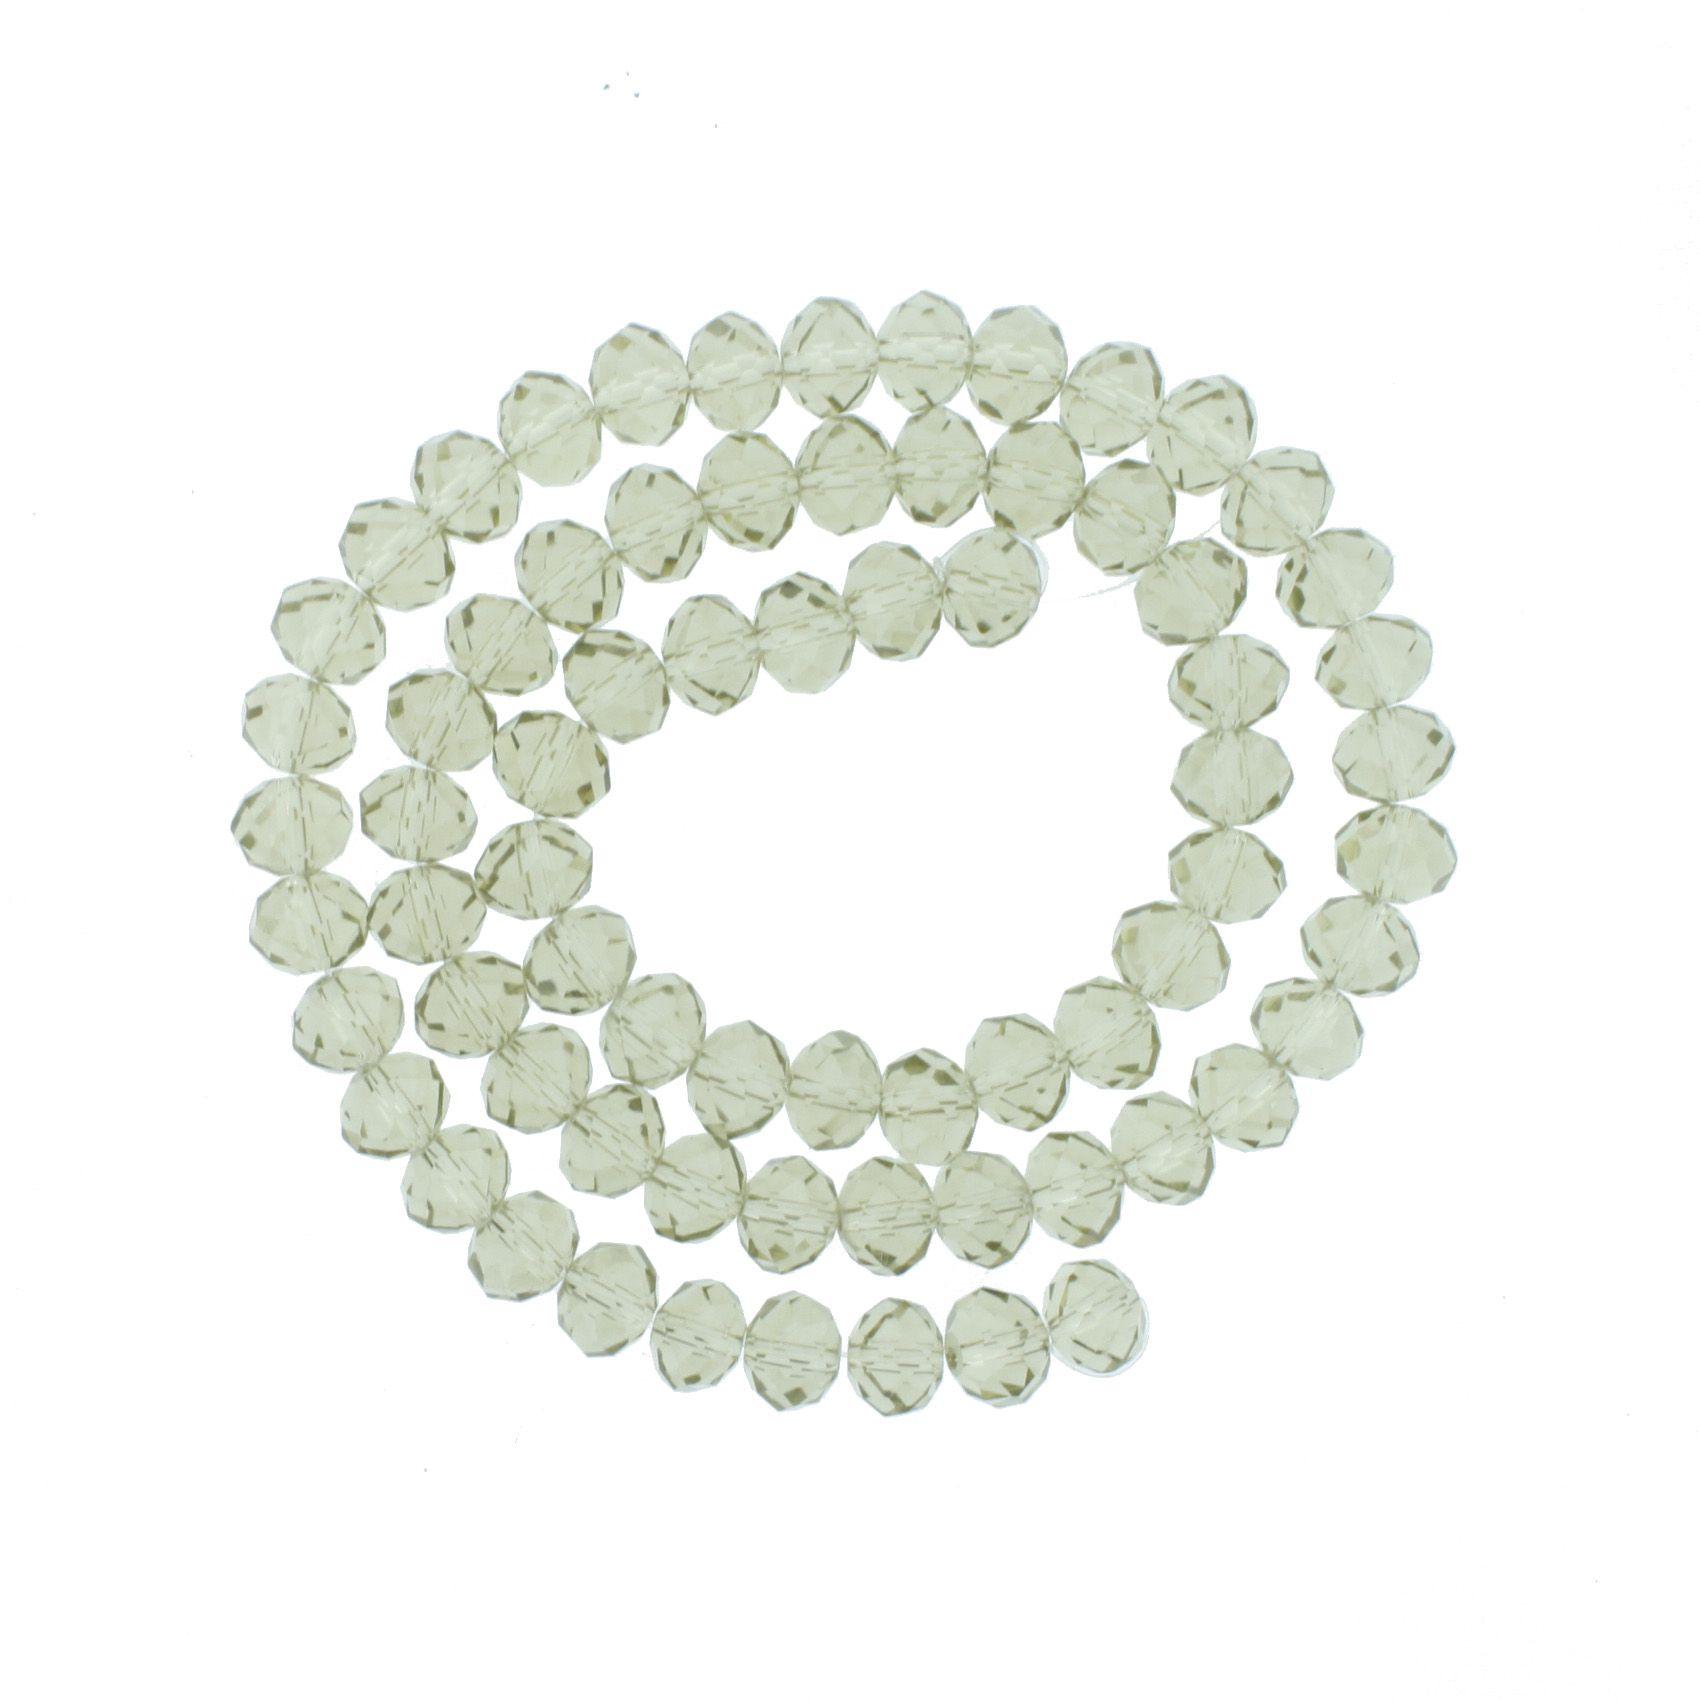 Fio de Cristal - Flat® - Fumê Amarelado - 10mm  - Stéphanie Bijoux® - Peças para Bijuterias e Artesanato